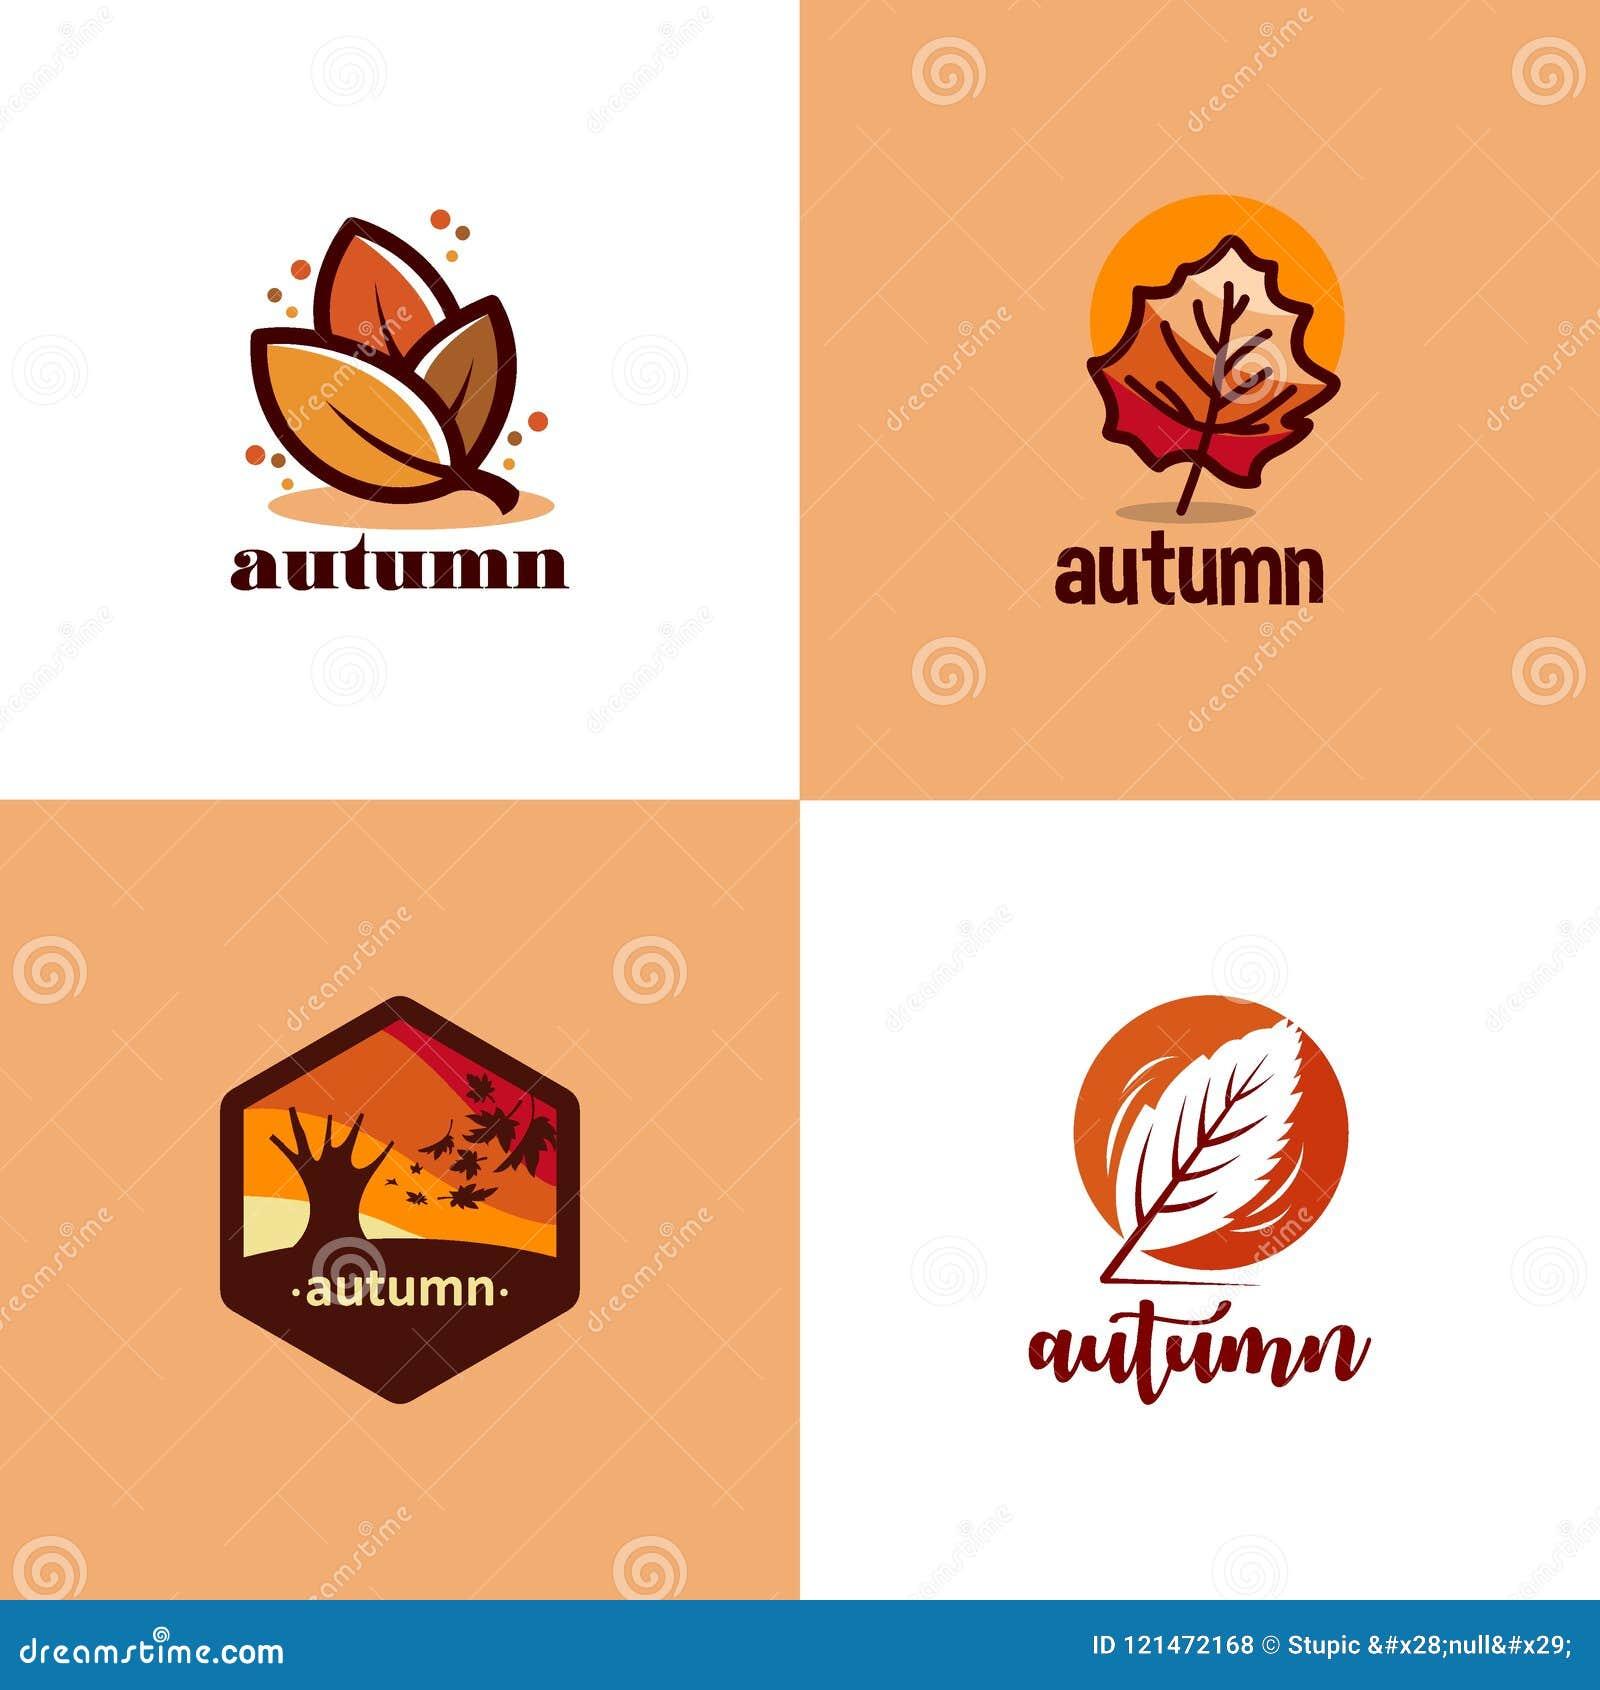 Creative Autumn Logo Design Vector Art Logo Stock